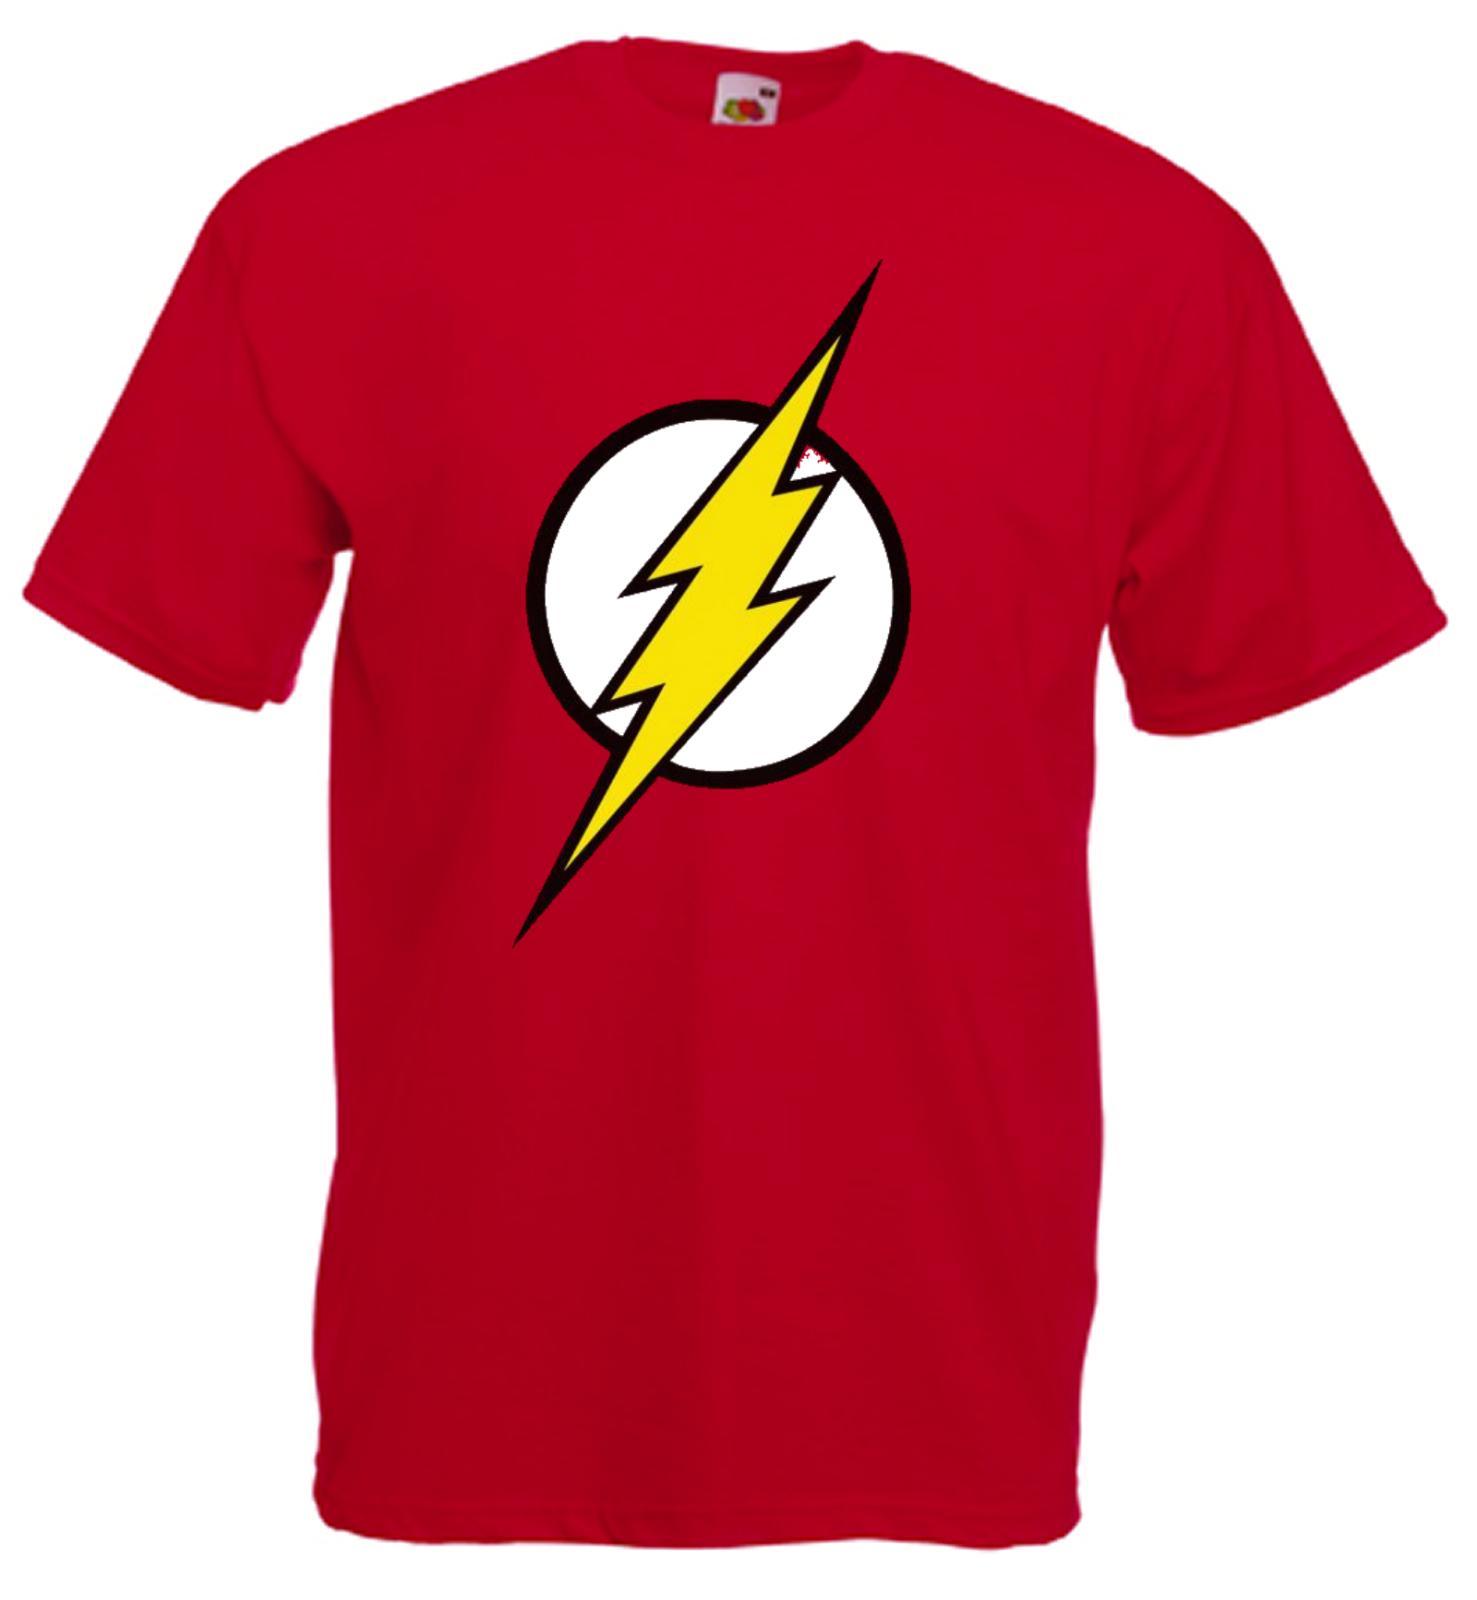 1851db031 Compre Flash Logo T Camisa Colete Camisola Com Capuz Com Tiras Top De Tiras  Solto Ou Ladyfit Legal Casual Orgulho T Shirt Homens Unisex Nova Moda De ...